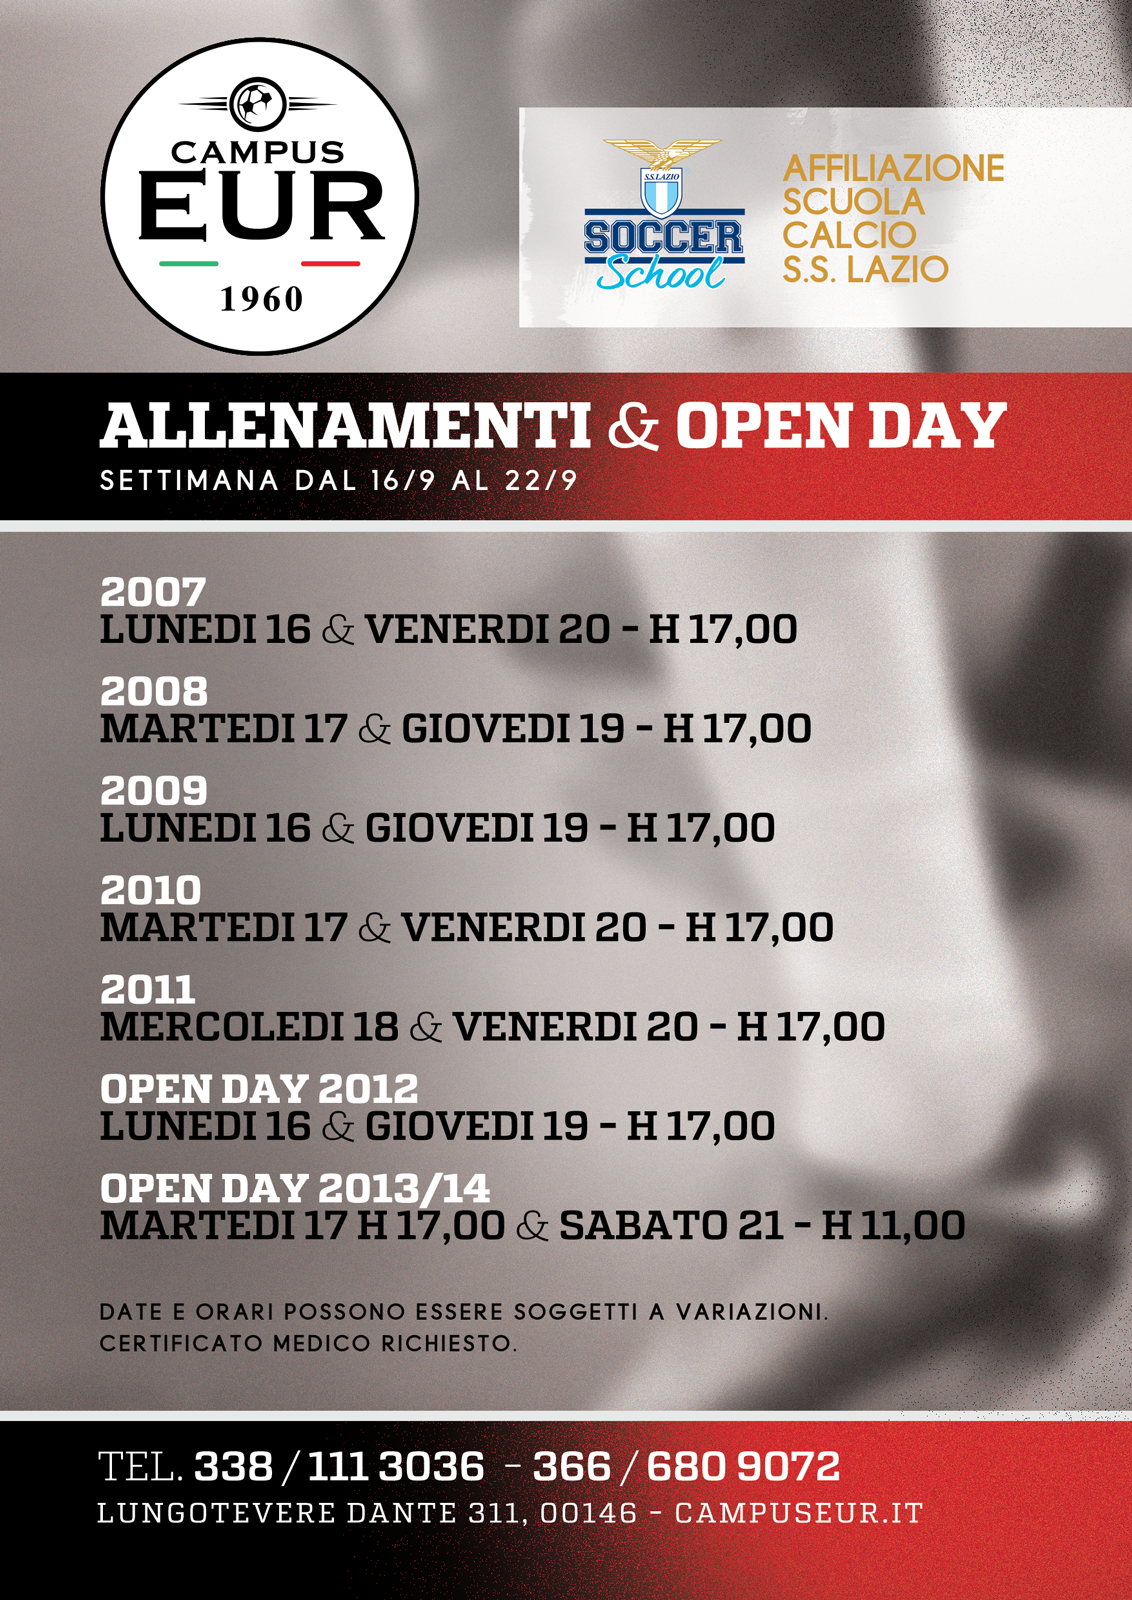 Allenamenti & Open Day